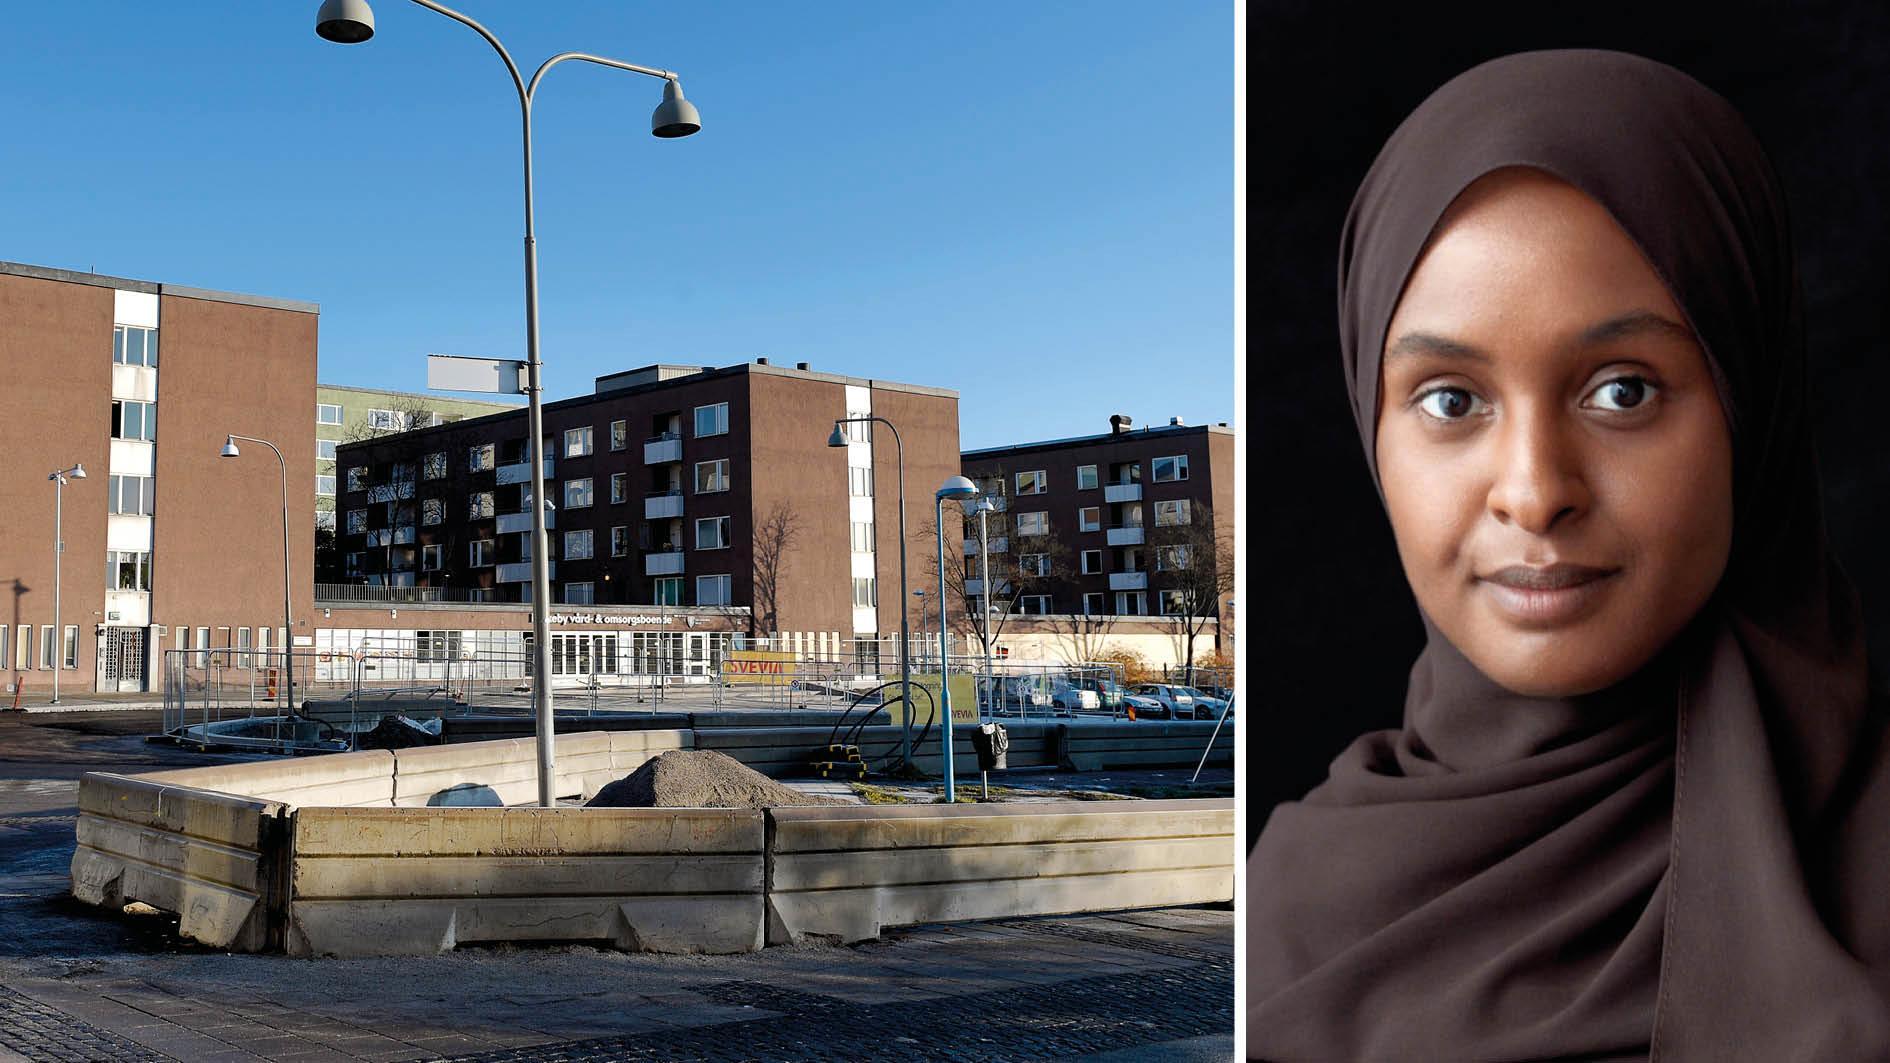 Det finns en enorm potential och tusentals talangfulla individer i förorterna. Vi har dessvärre ett samhälle där alla inte har samma förutsättningar för att nå sin fulla potential. Det vill vi ändra på, skriver Deqa Abukar.